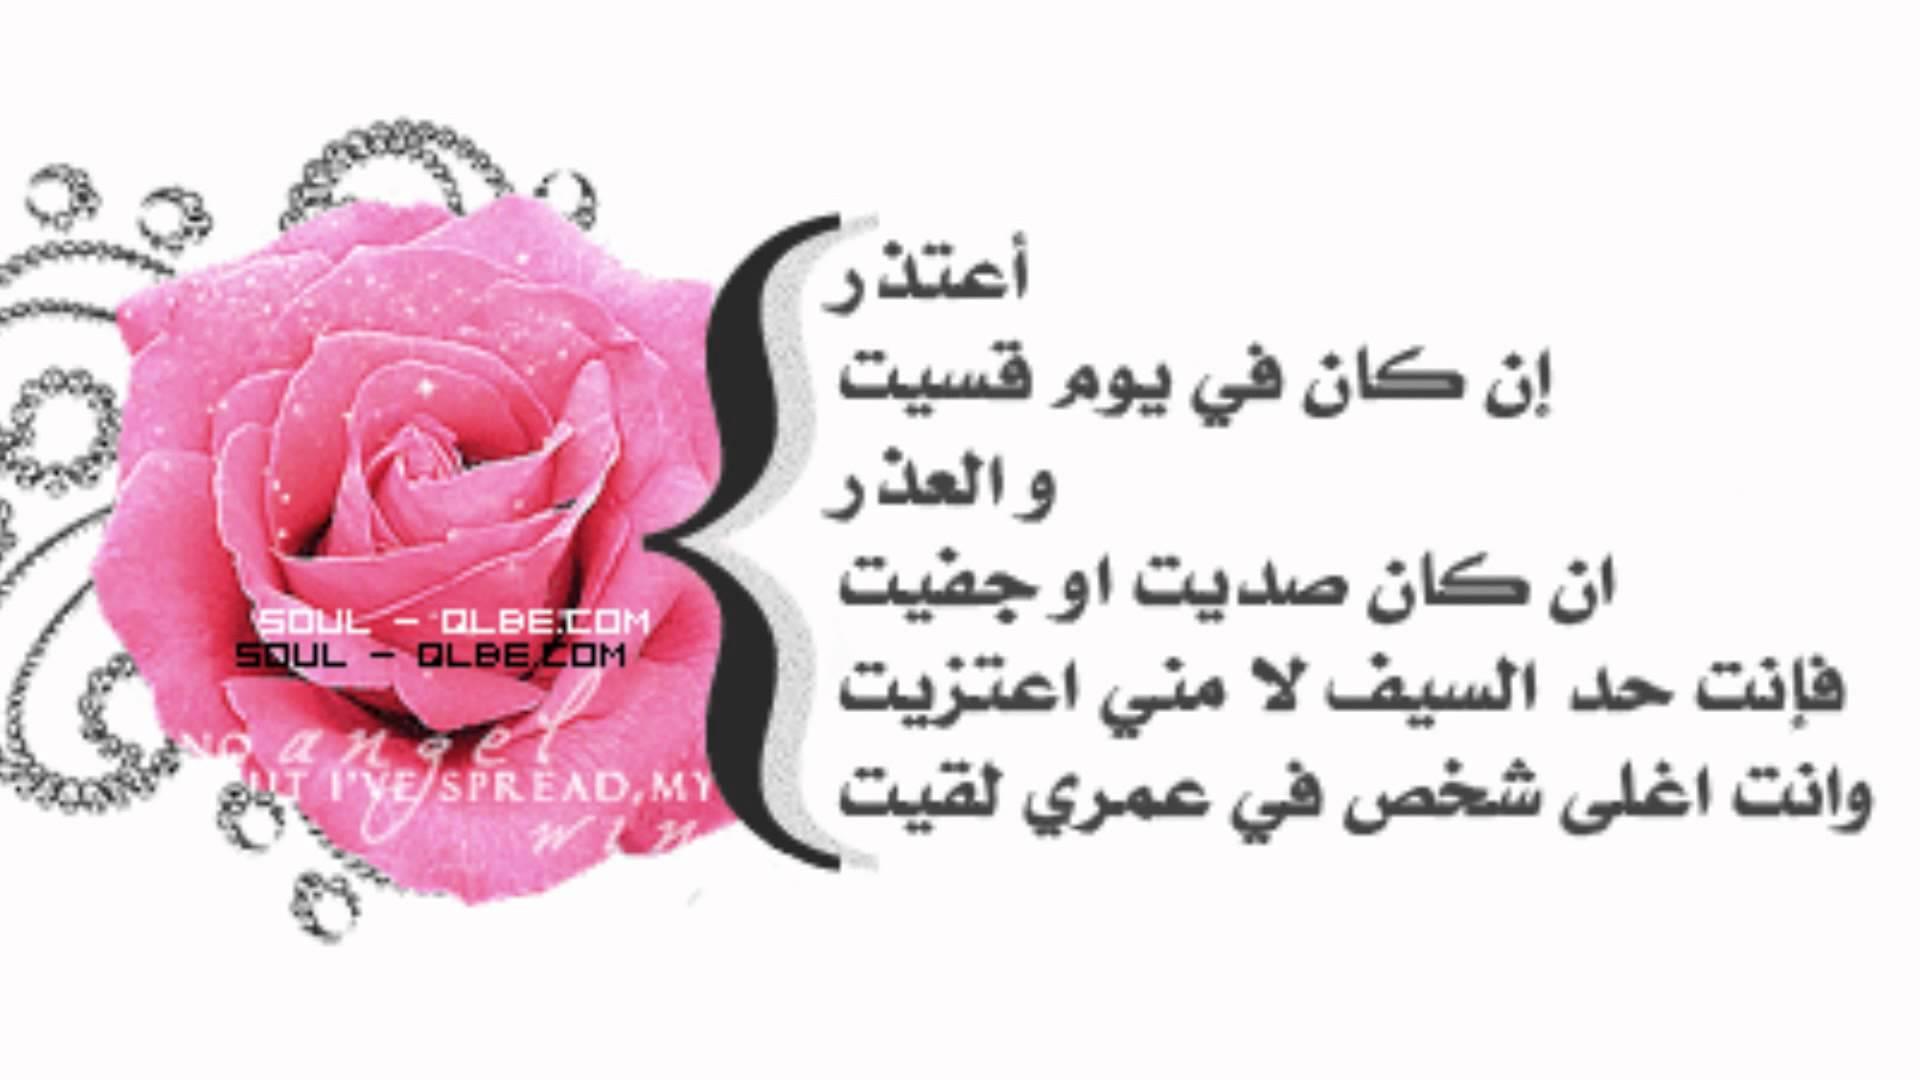 بالصور رسائل اعتذار للحبيب , اجمل كلمات الاعتذار للحبيب 3885 1